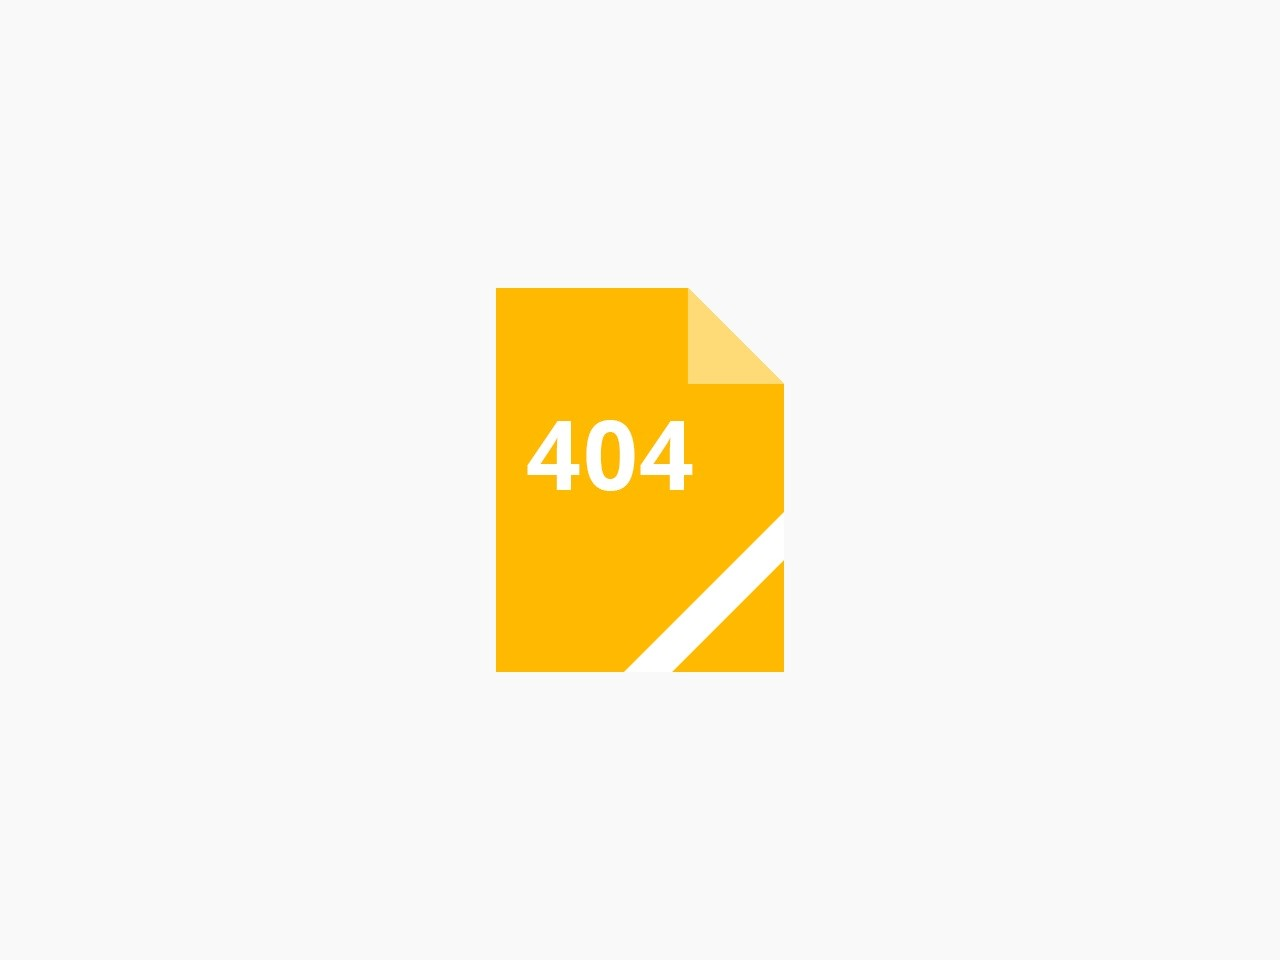 星座×血液型で韓流スターとの相性ランキング ~MOMOLAND・ナンシー編~ 何座の何型が1位なのか!?